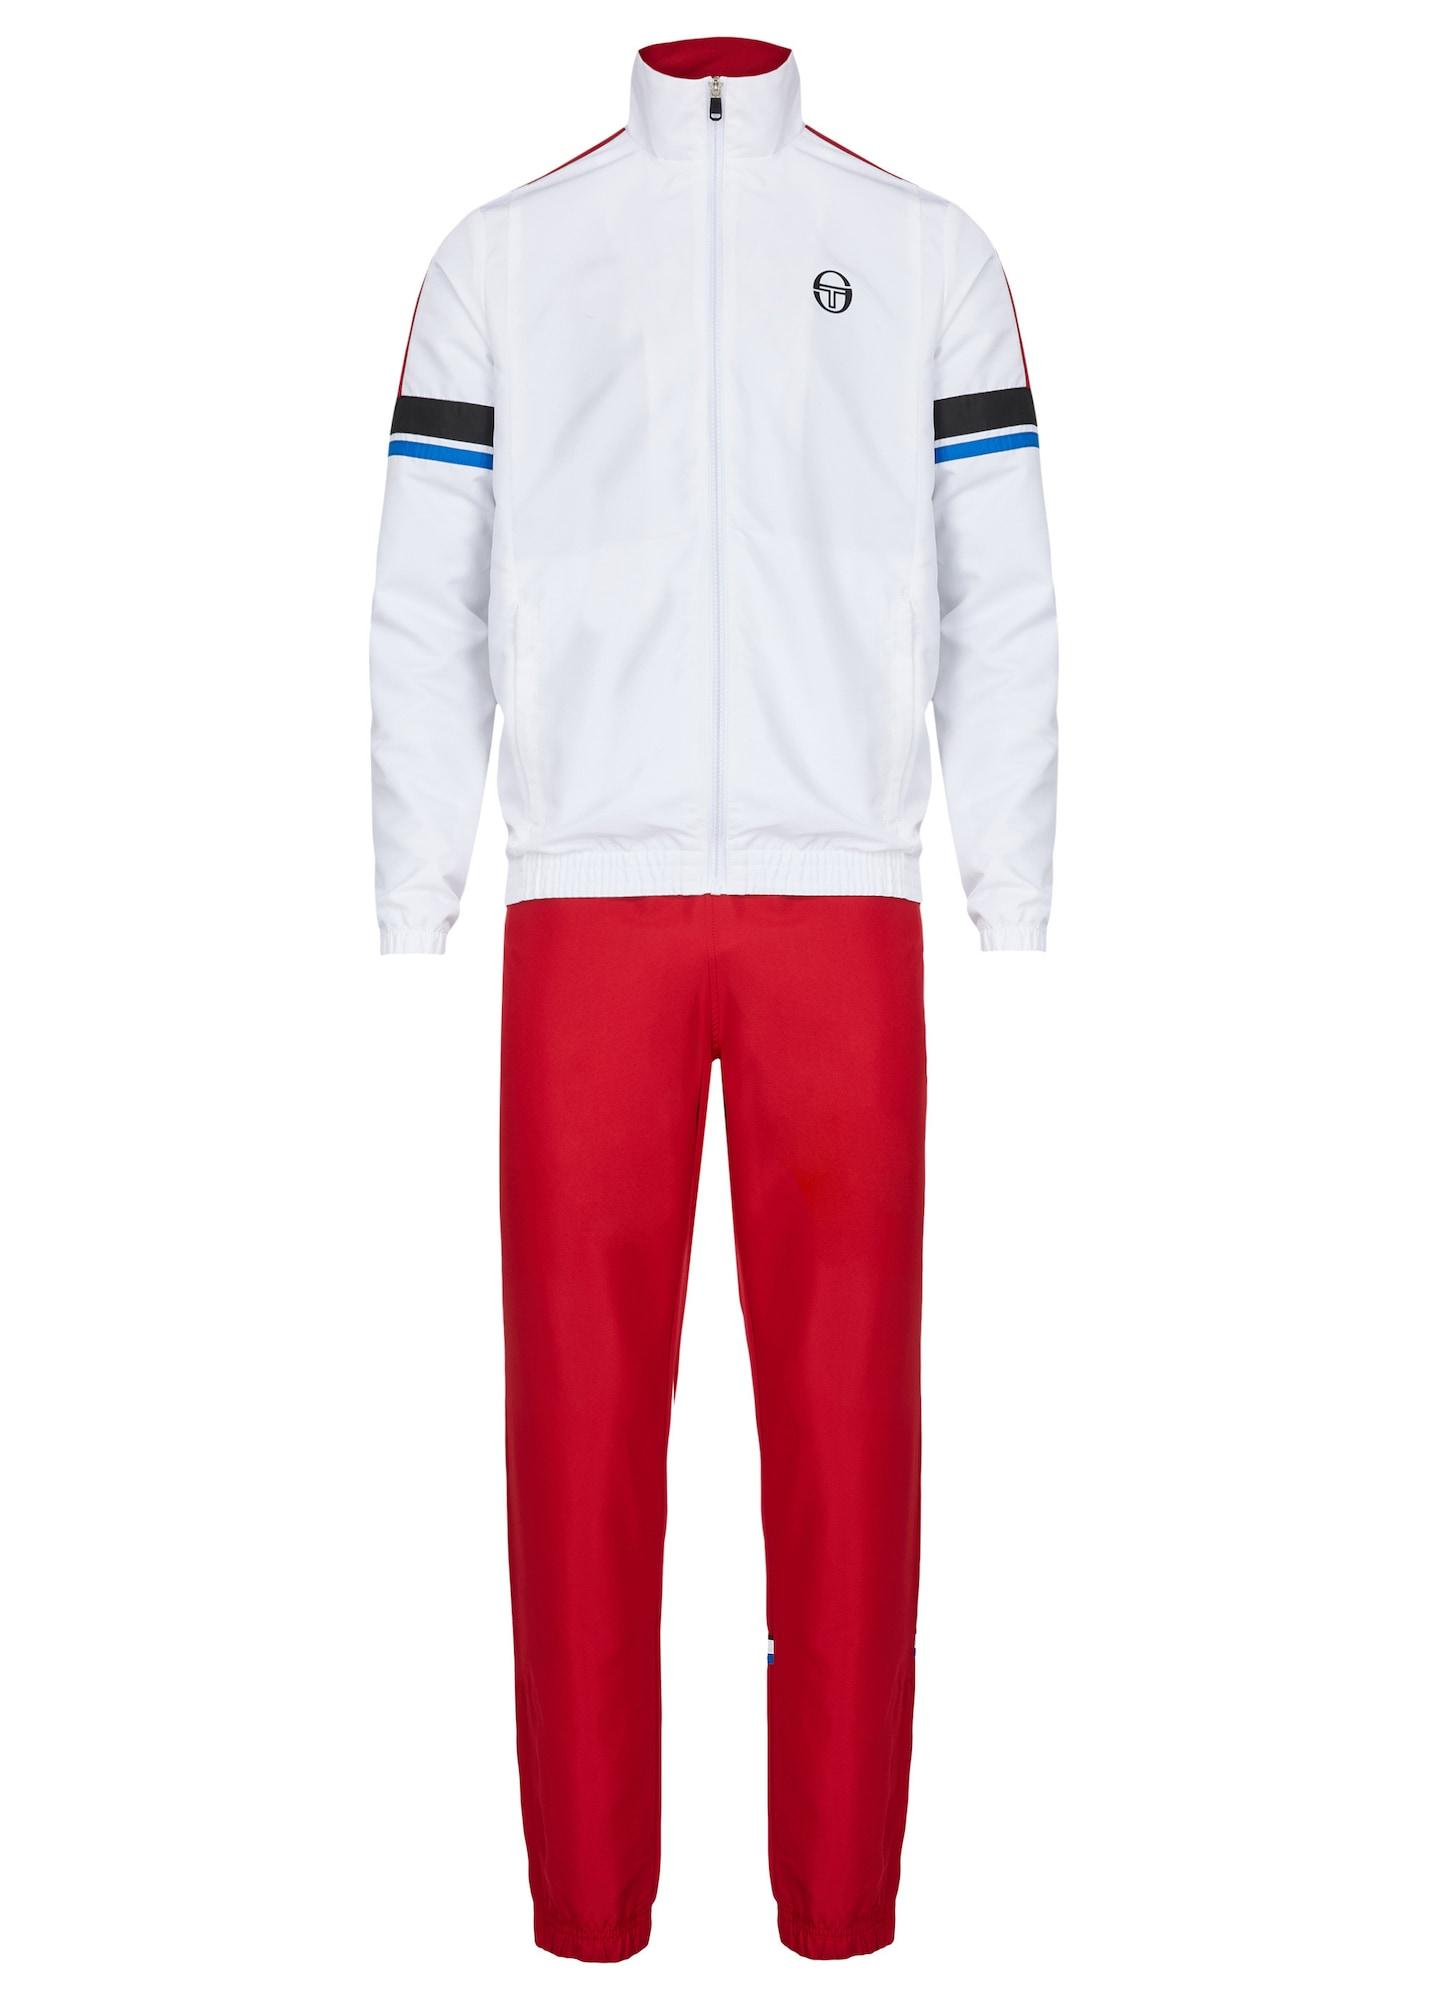 Trainingsanzug | Sportbekleidung > Sportanzüge > Trainingsanzüge | Blau - Rot - Schwarz - Weiß | Sergio Tacchini